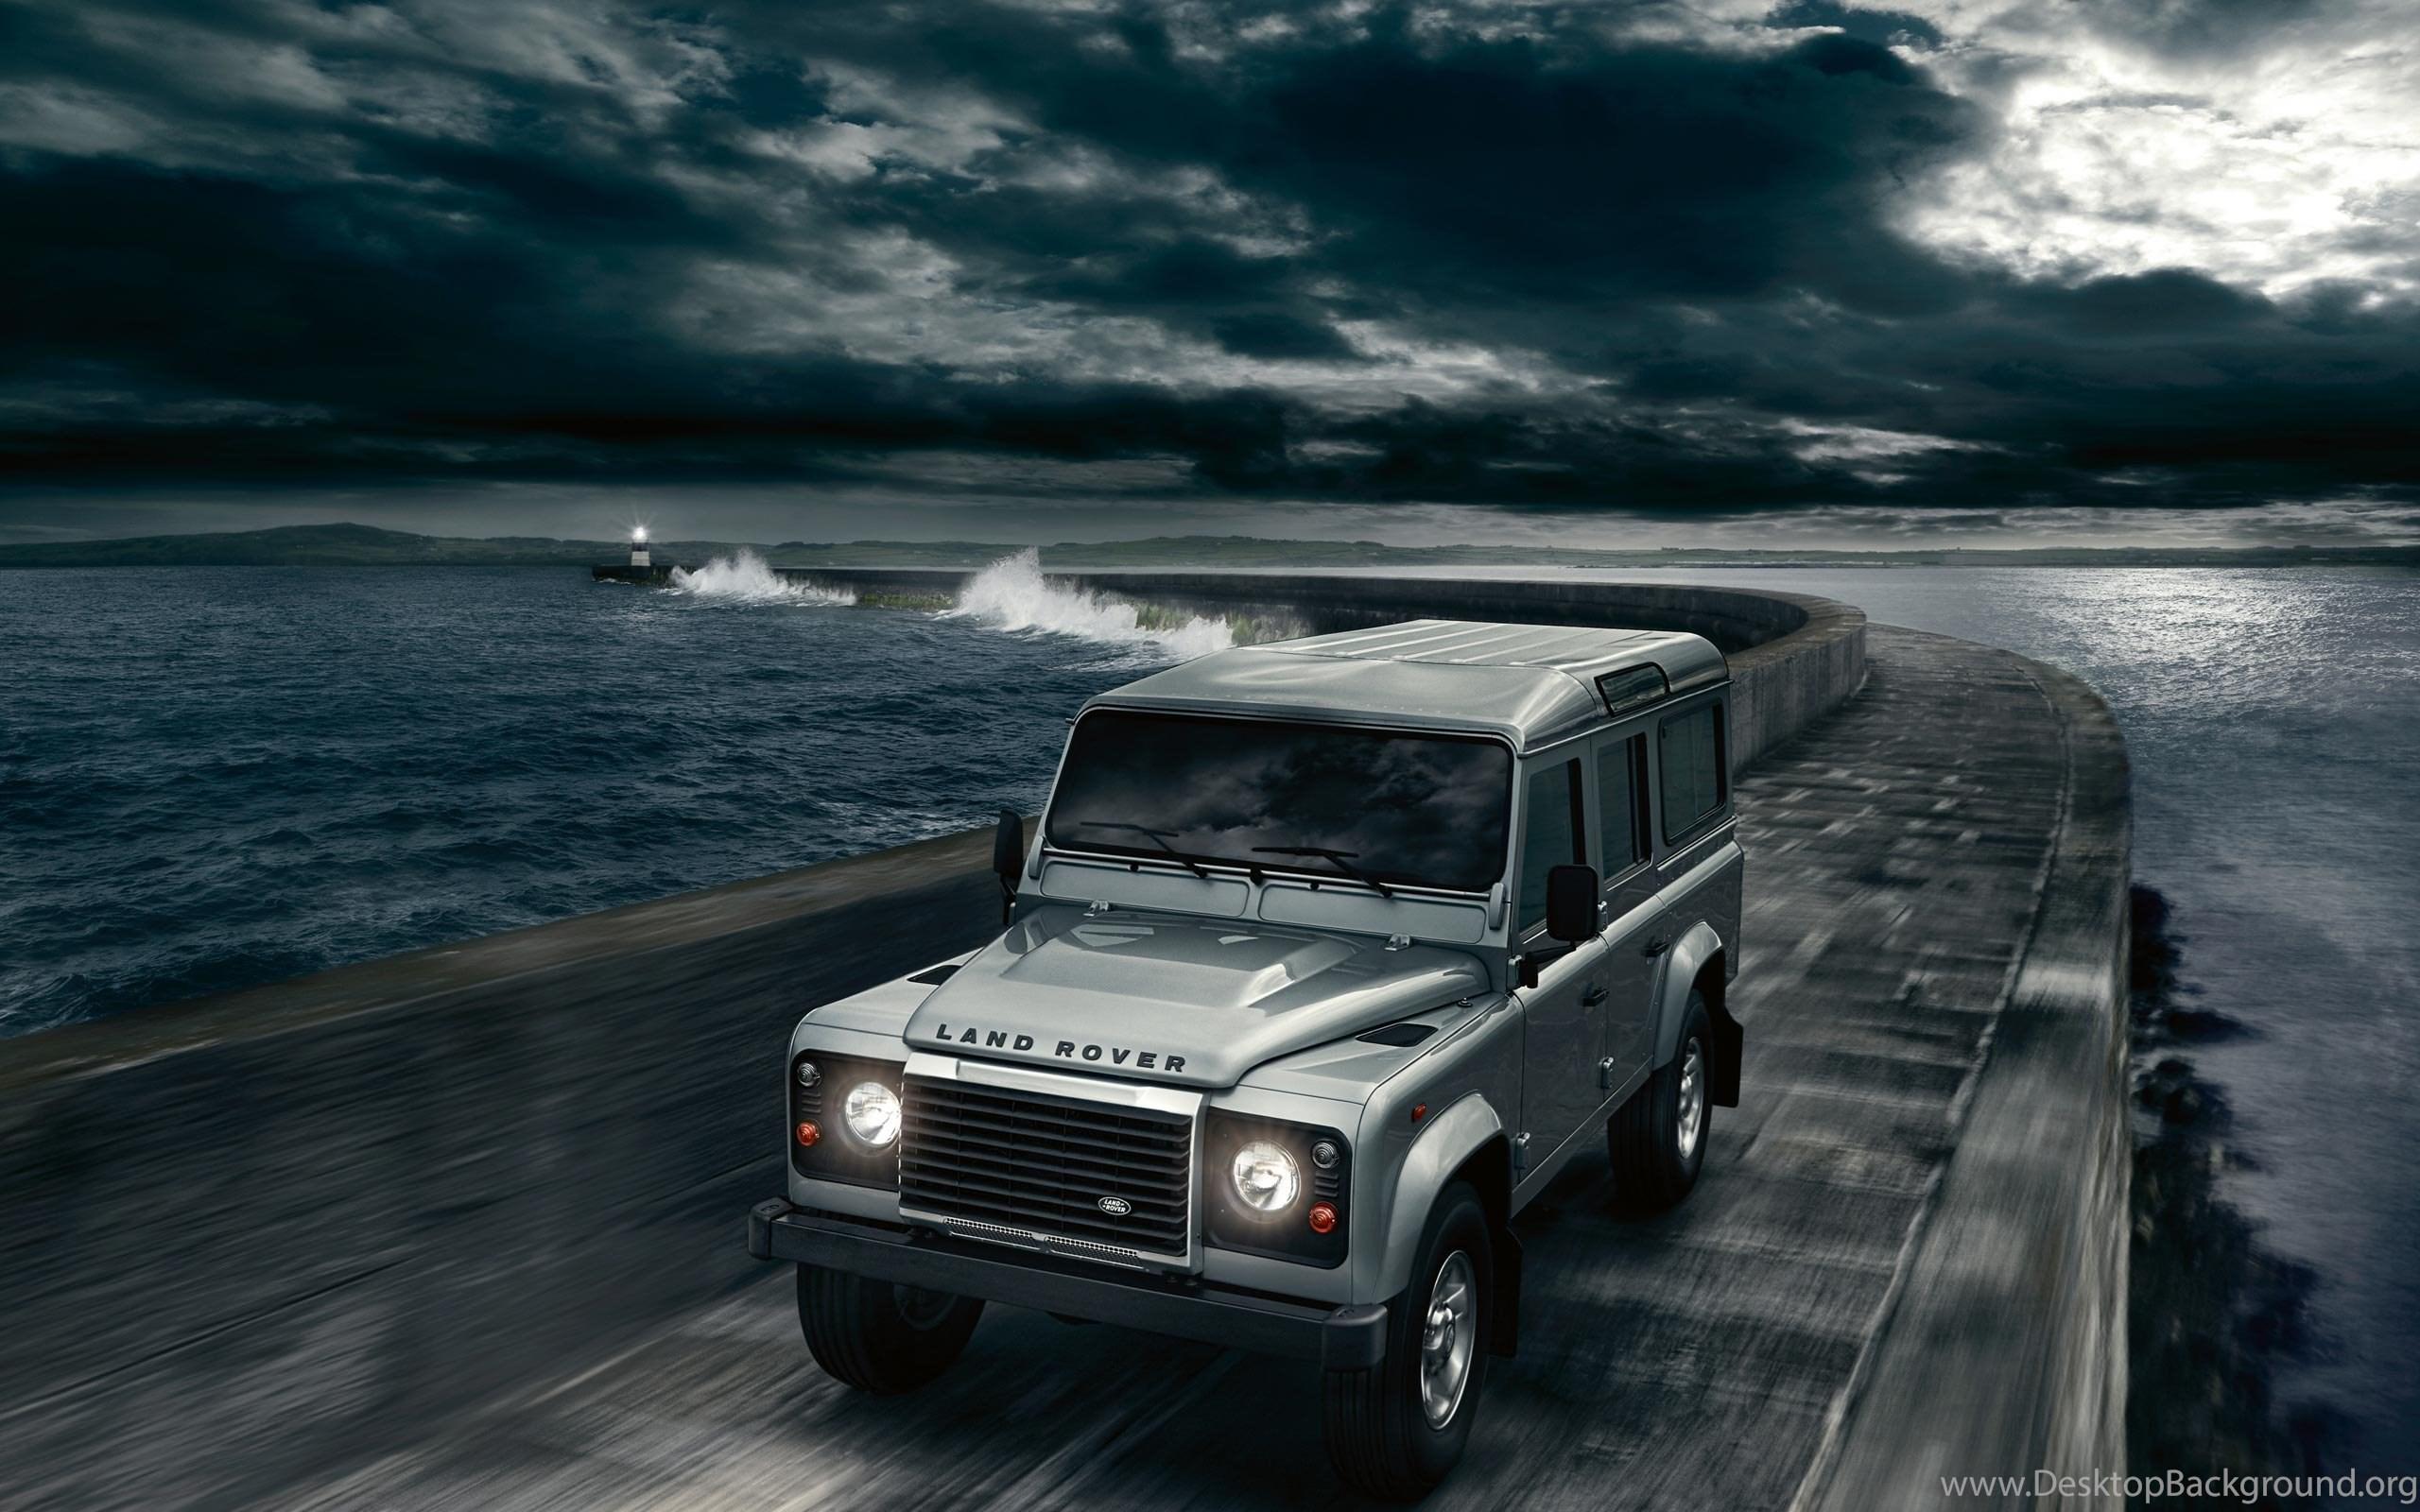 Land Rover Defender HD Wallpapers Desktop Background